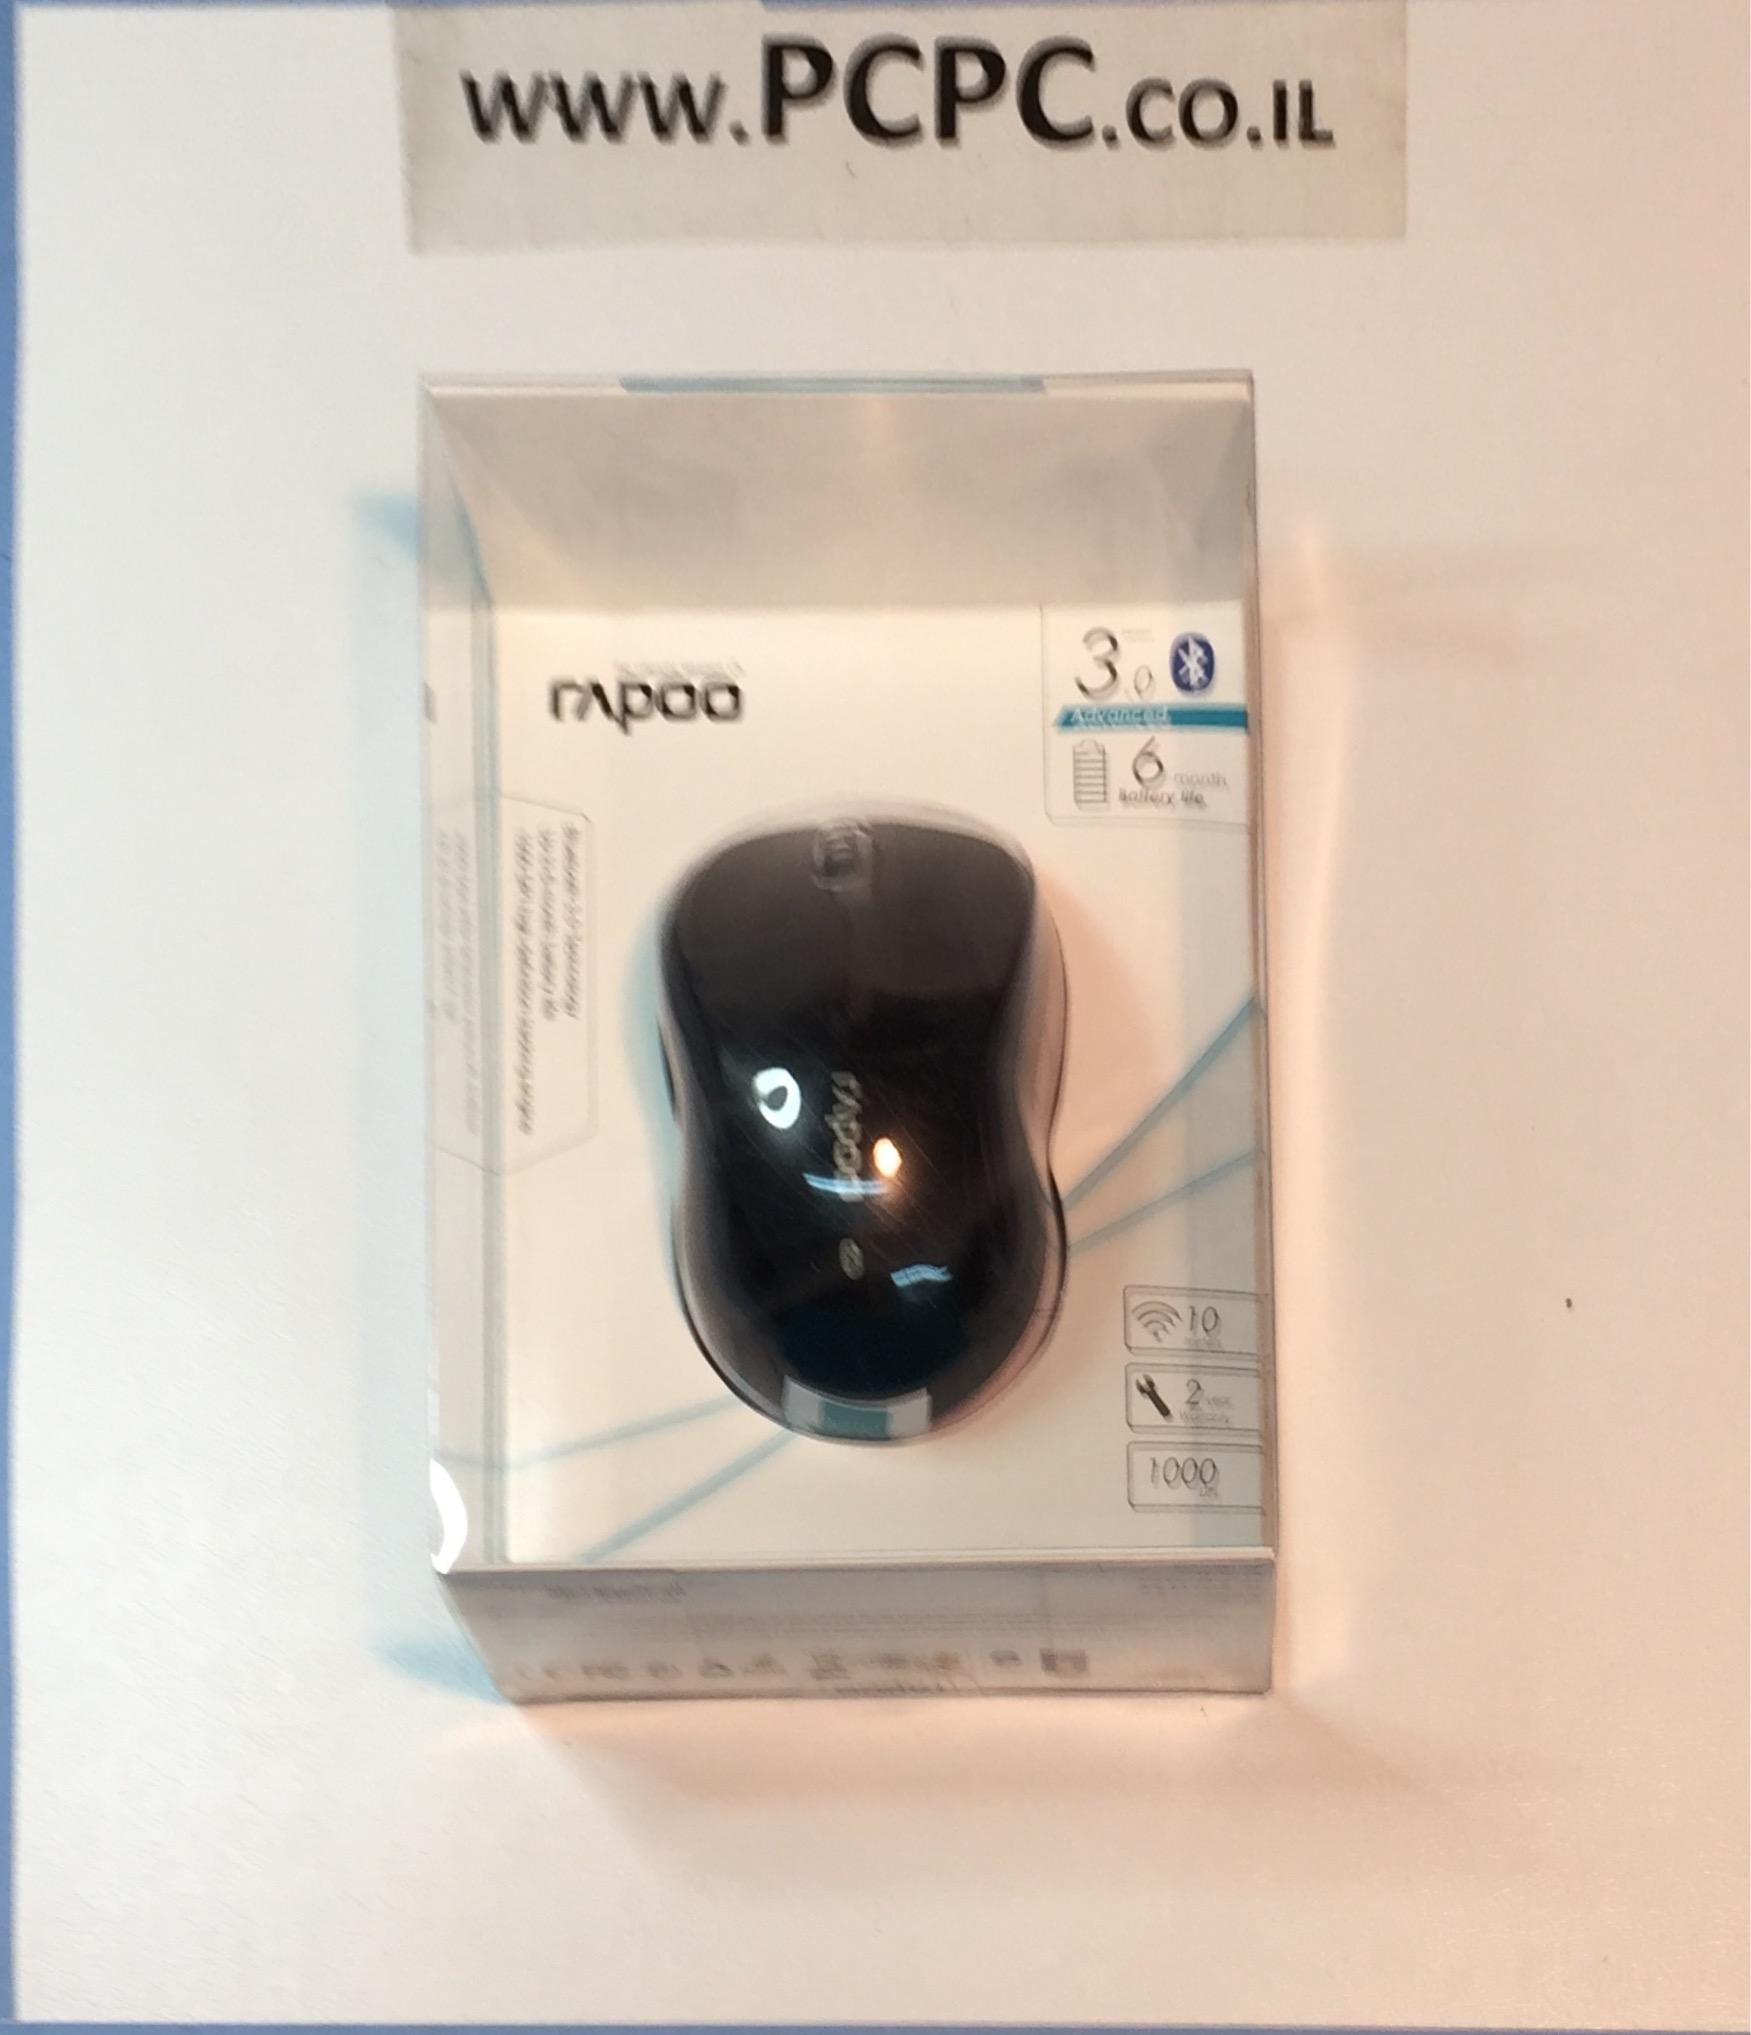 עכבר אופטי אלחוטי RAPOO 6080B BLUETOOTH